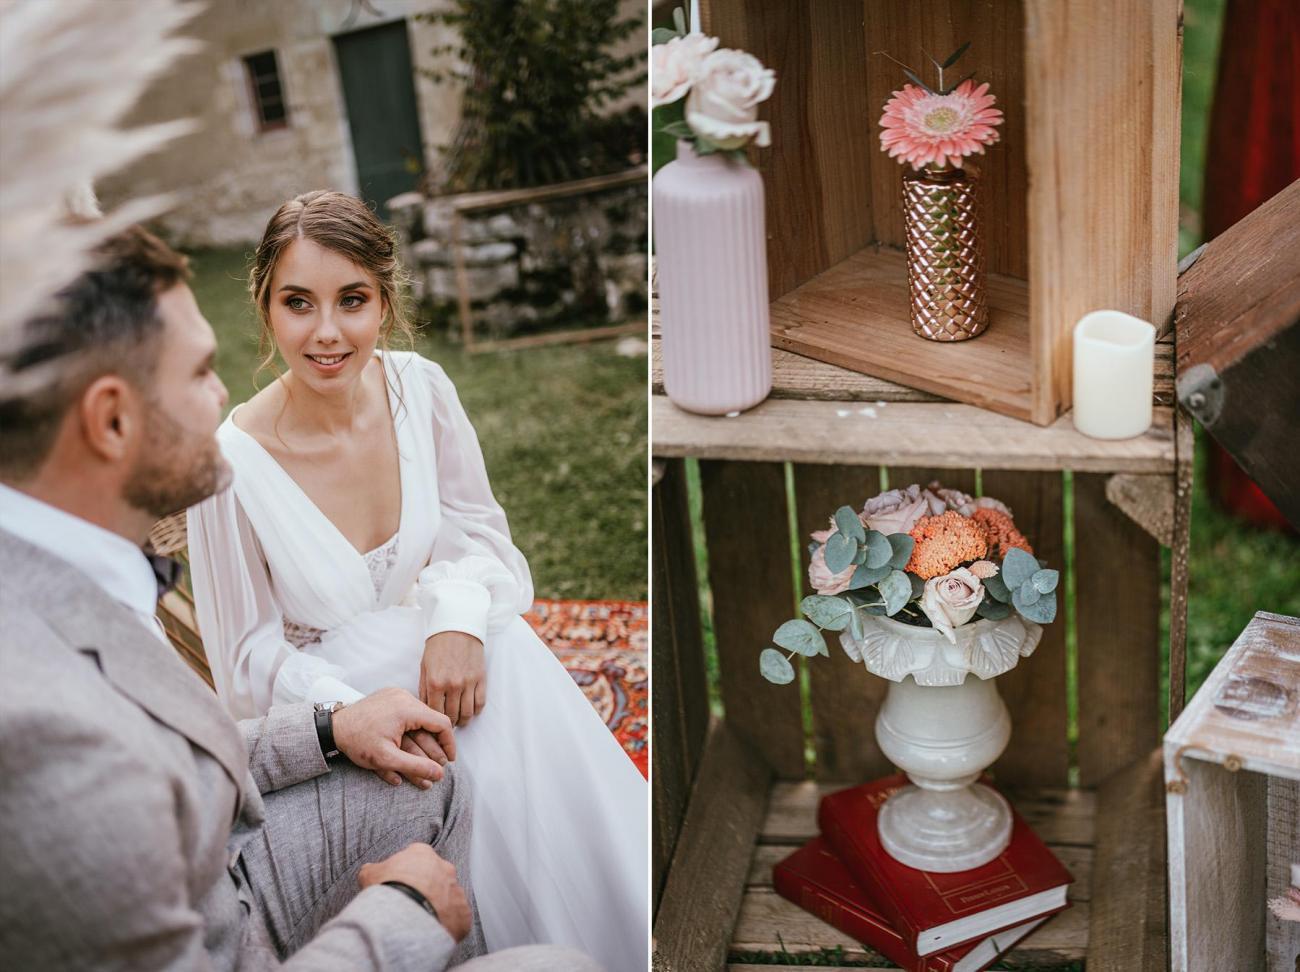 Ceremonie laique mariage landes photographe dax inspiration